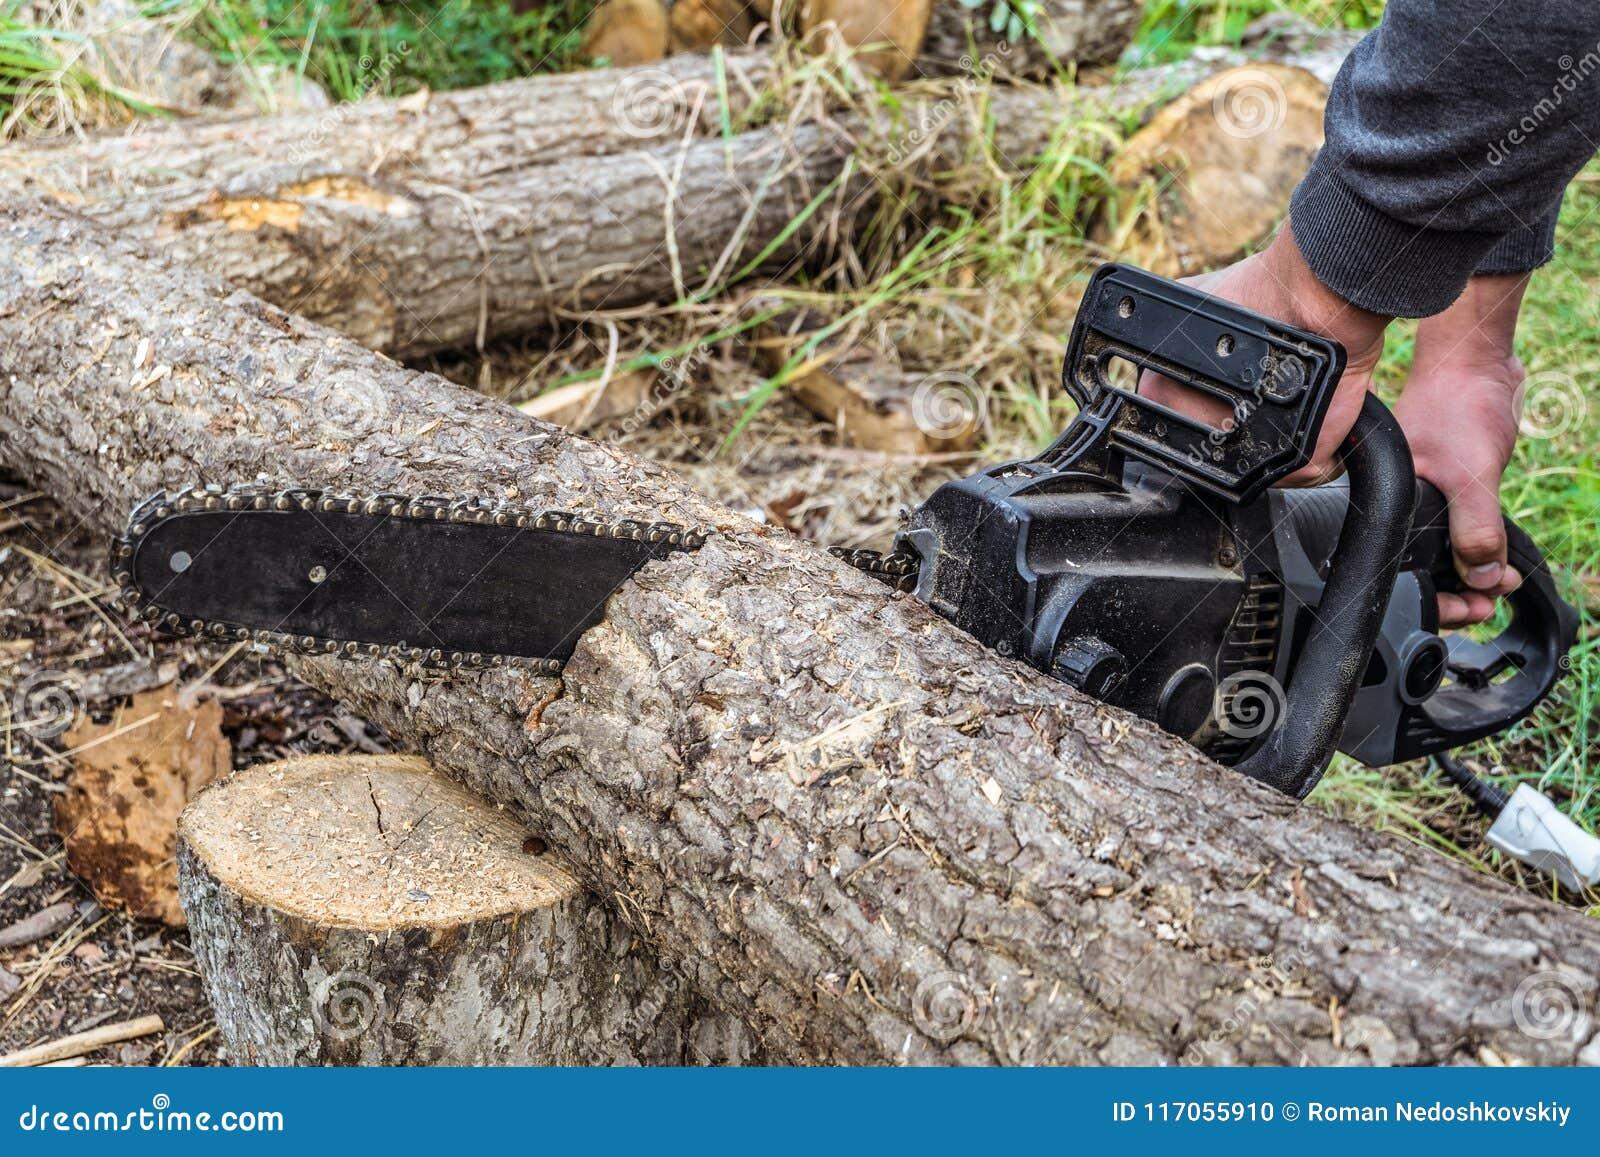 Le travailleur scie un rondin en bois avec la tronçonneuse électrique